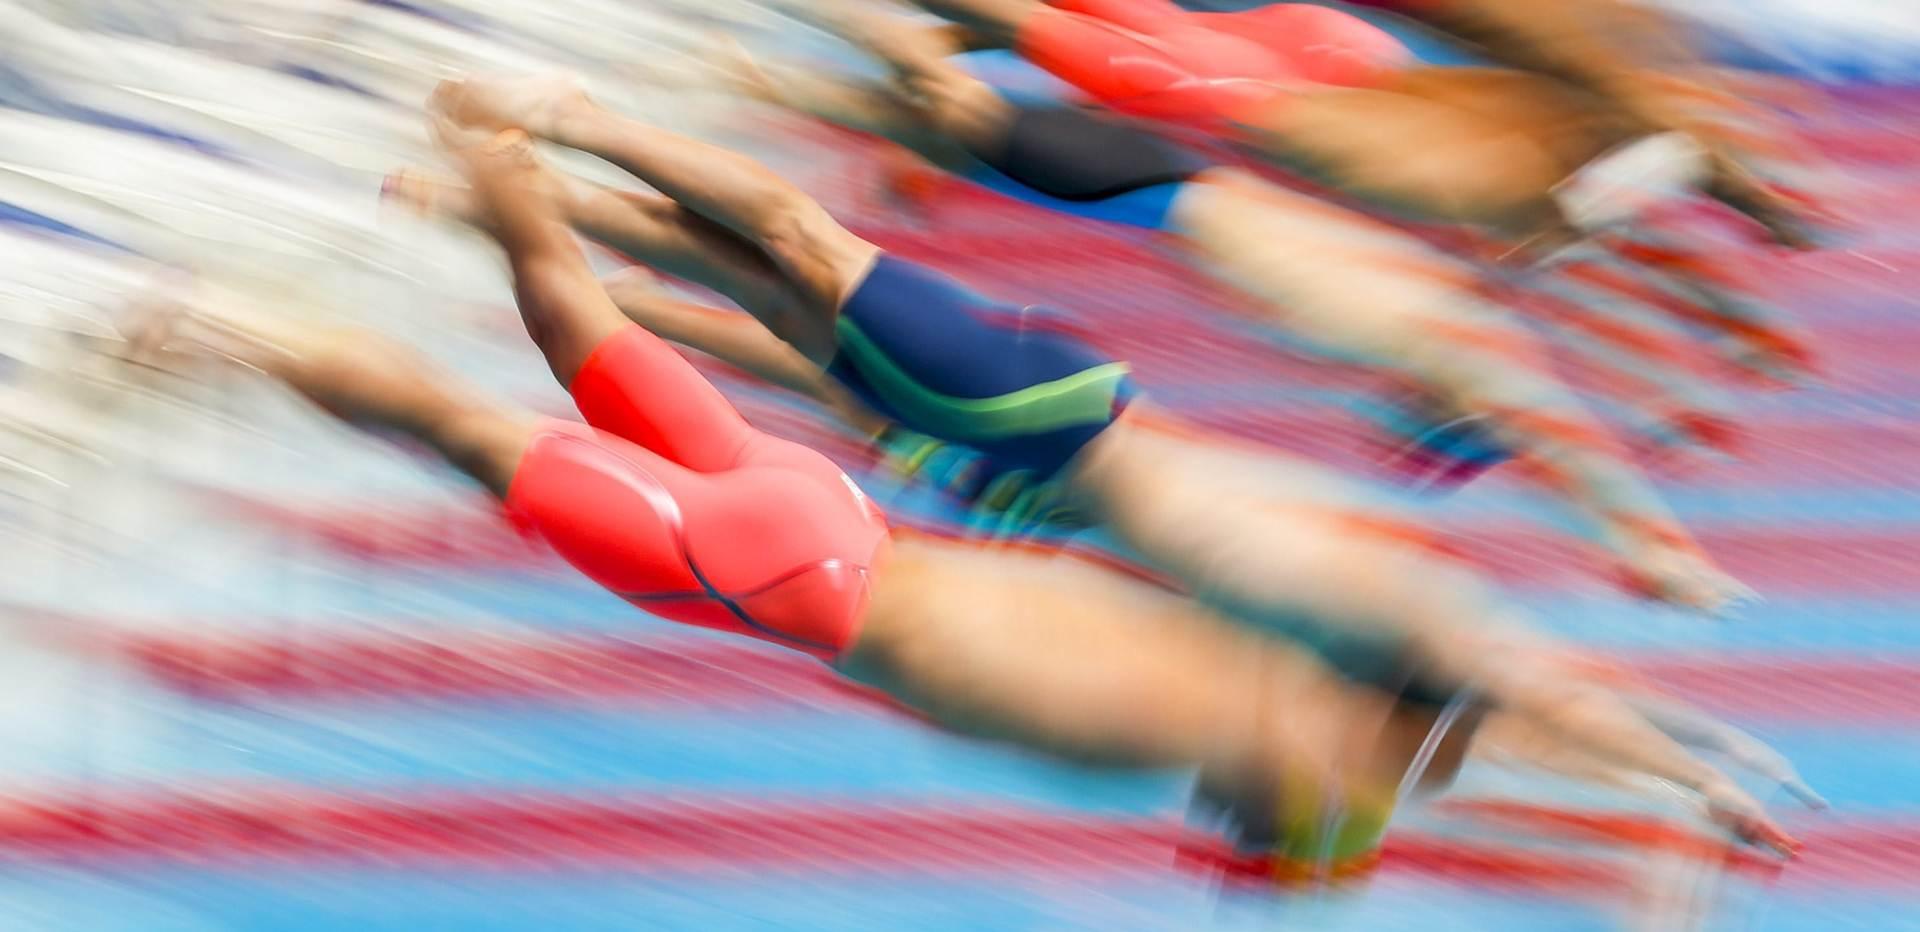 SP u plivanju: Američka štafeta na 4×100 m mješovito srušila rekord star samo nekoliko minuta